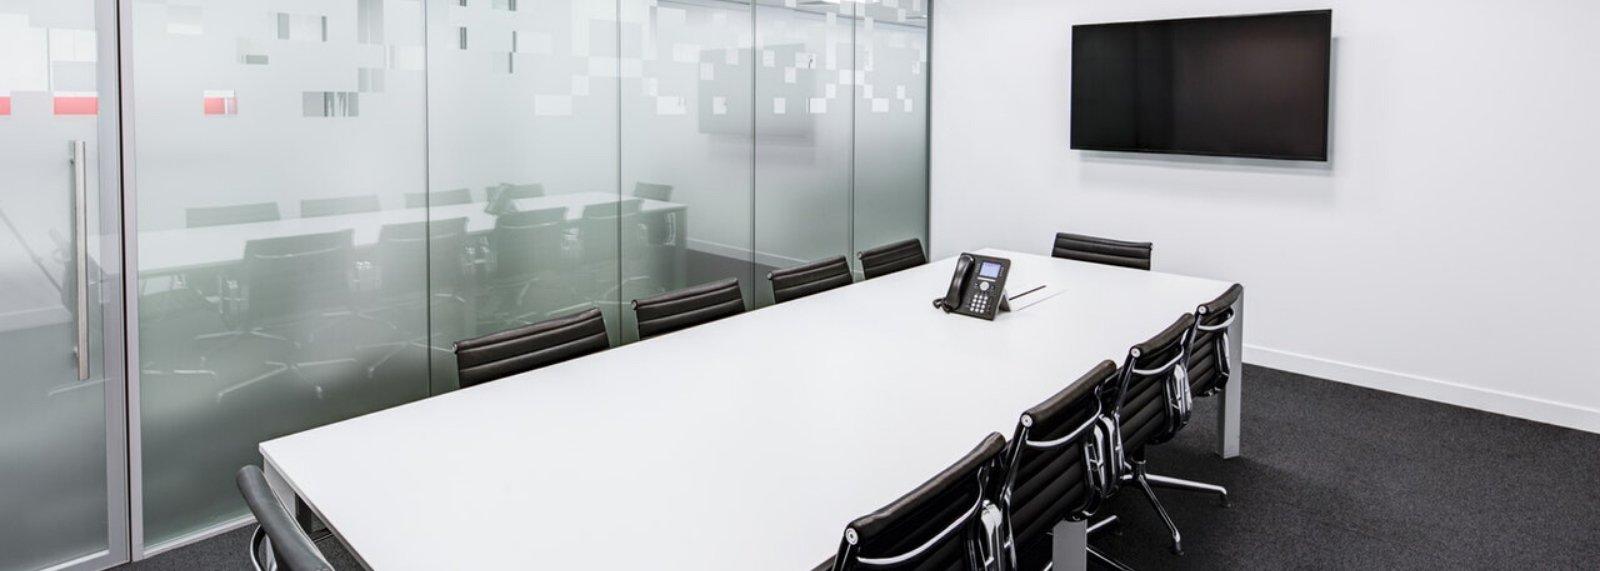 Agenzia Autoteam: il partner ideale per le aziende